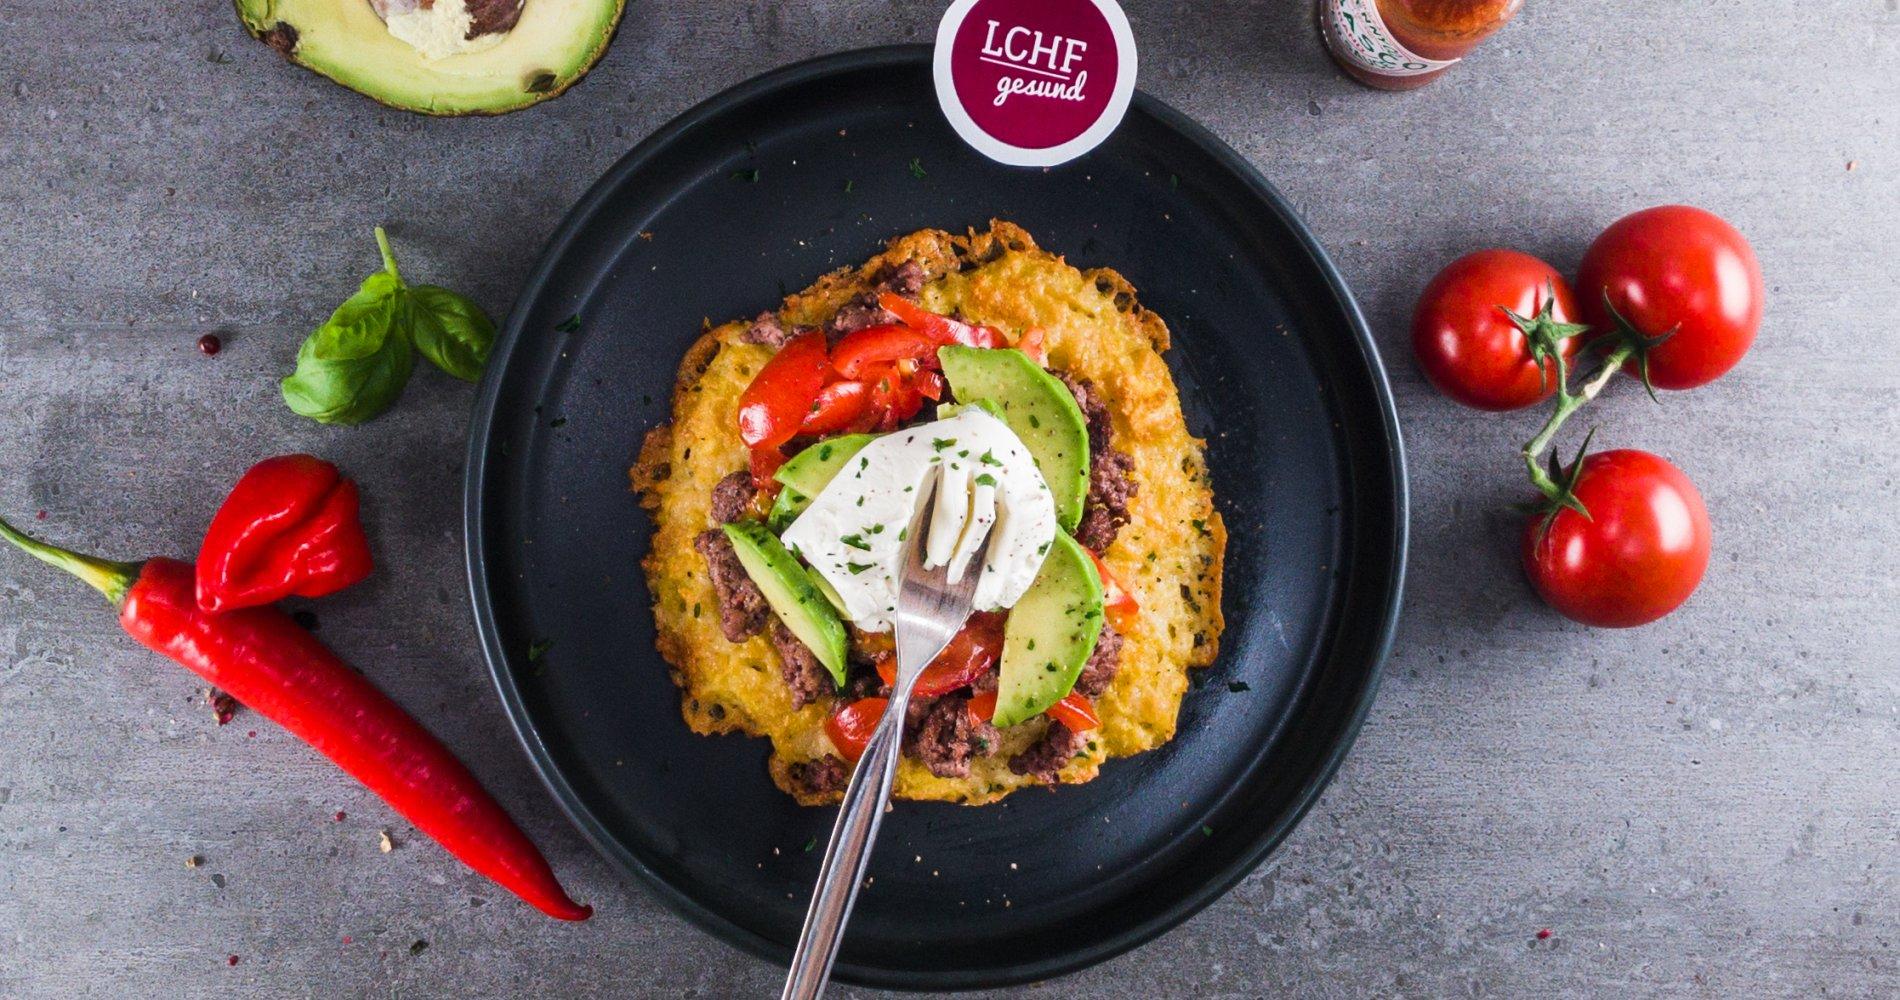 Rezept Low Carb: Käsetortilla mit Hackfleisch - LCHF-gesund.de